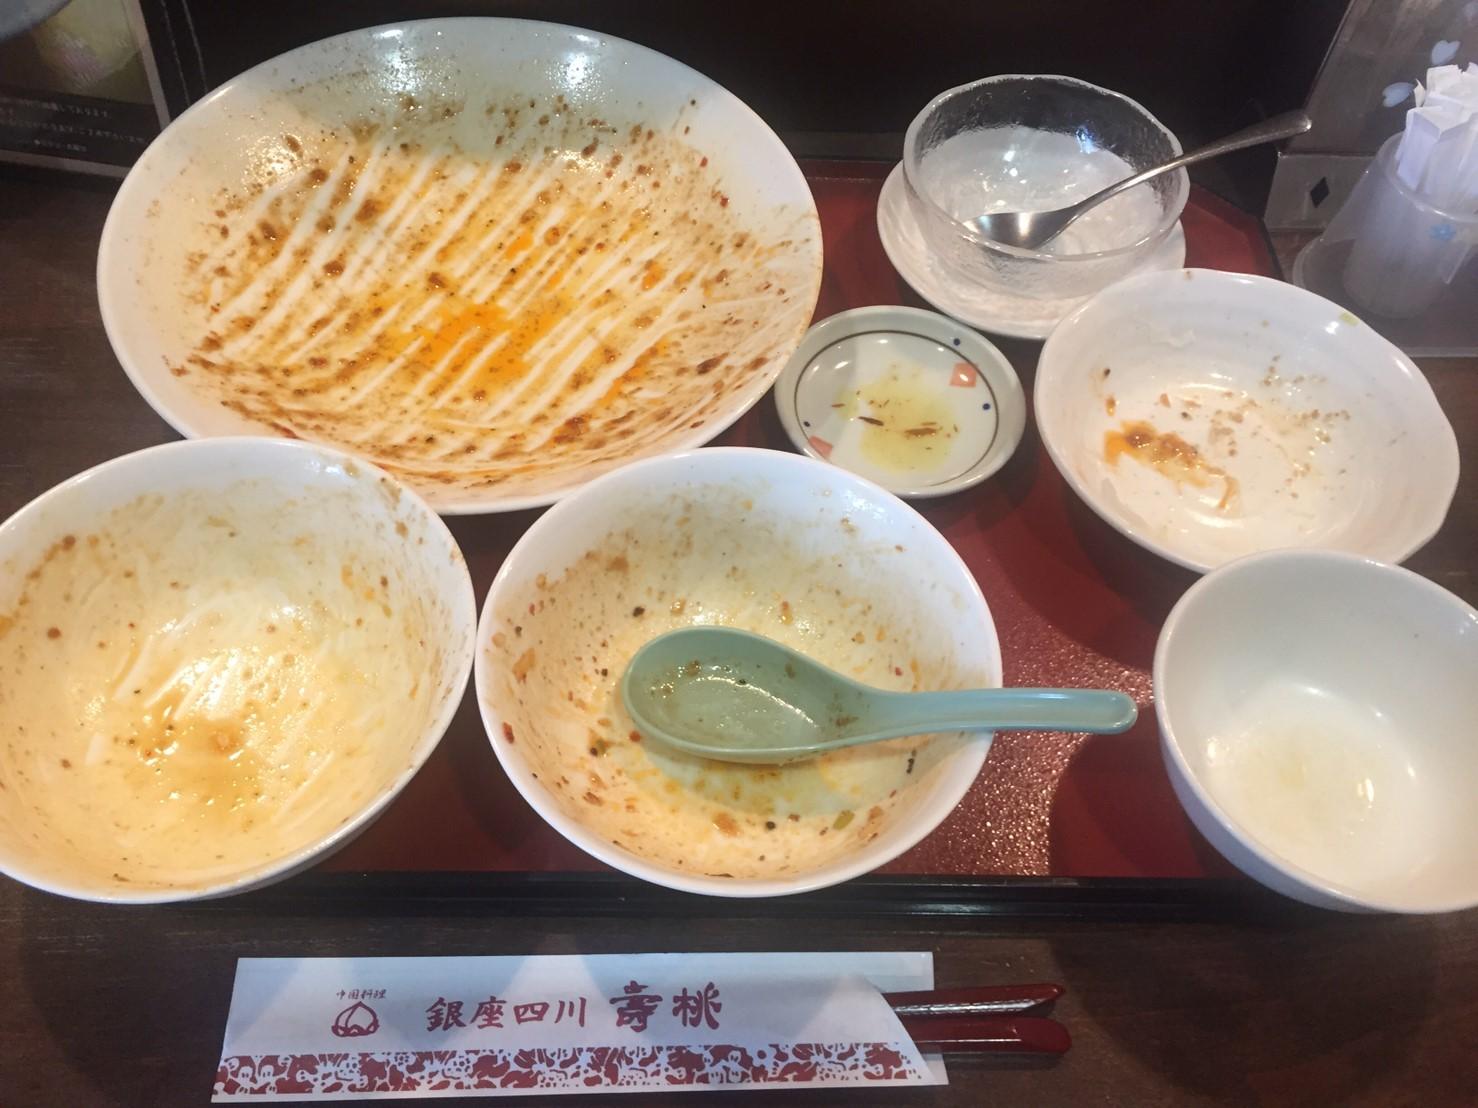 中国料理 銀座四川 壽桃  ランチ ファイナル_e0115904_06285463.jpg